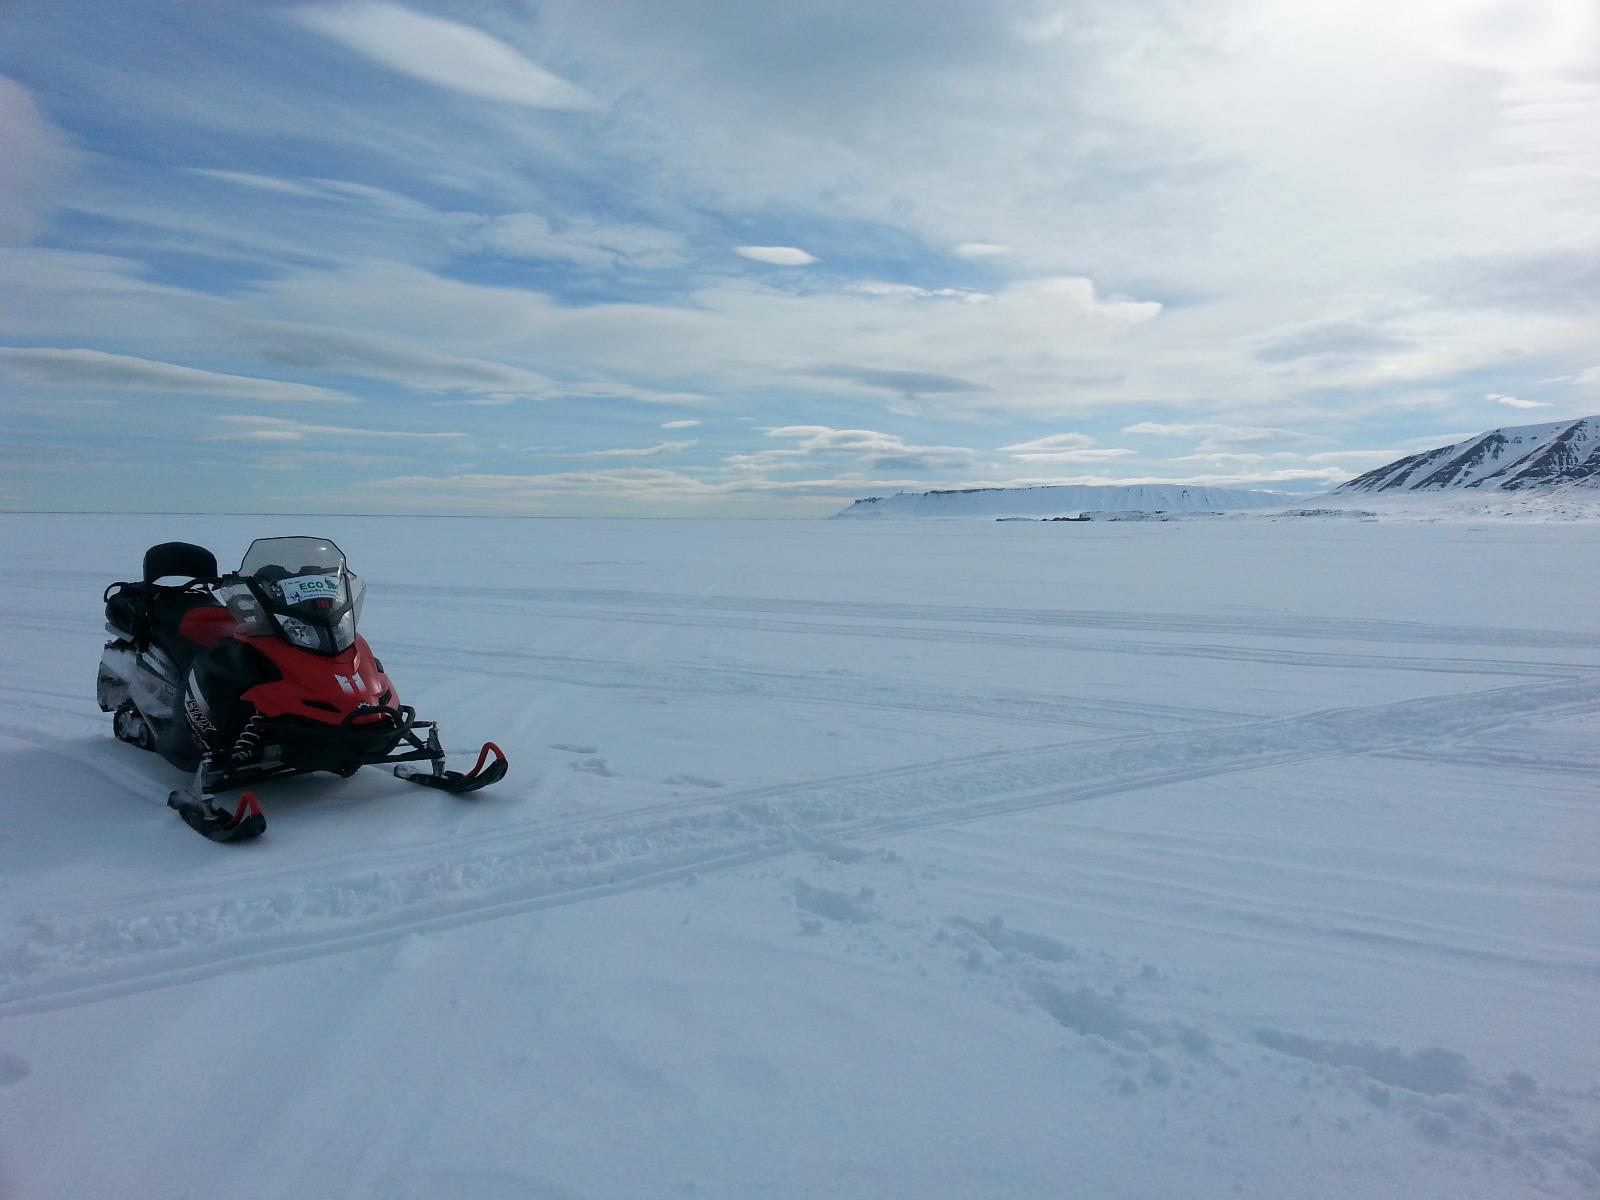 Mit dem Schneescooter zu den Eisbären auf Spitzbergen